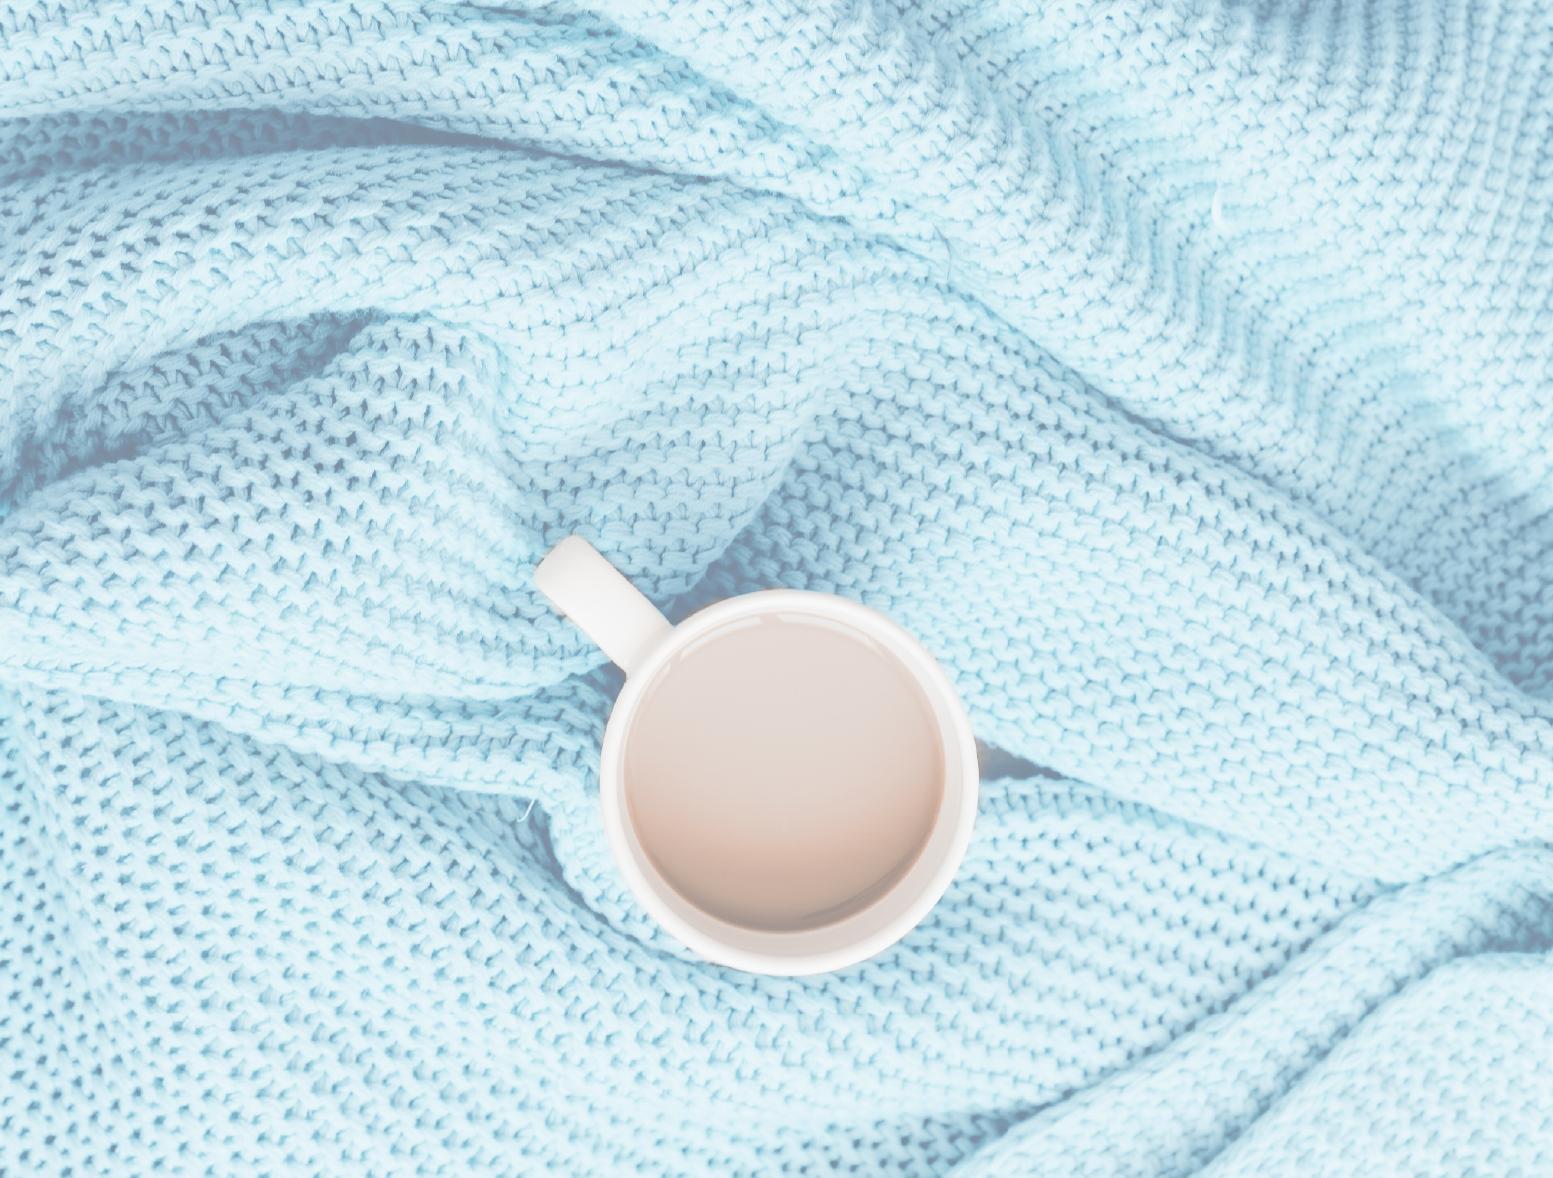 Trucos para saber cómo quitar manchas de café de la ropa